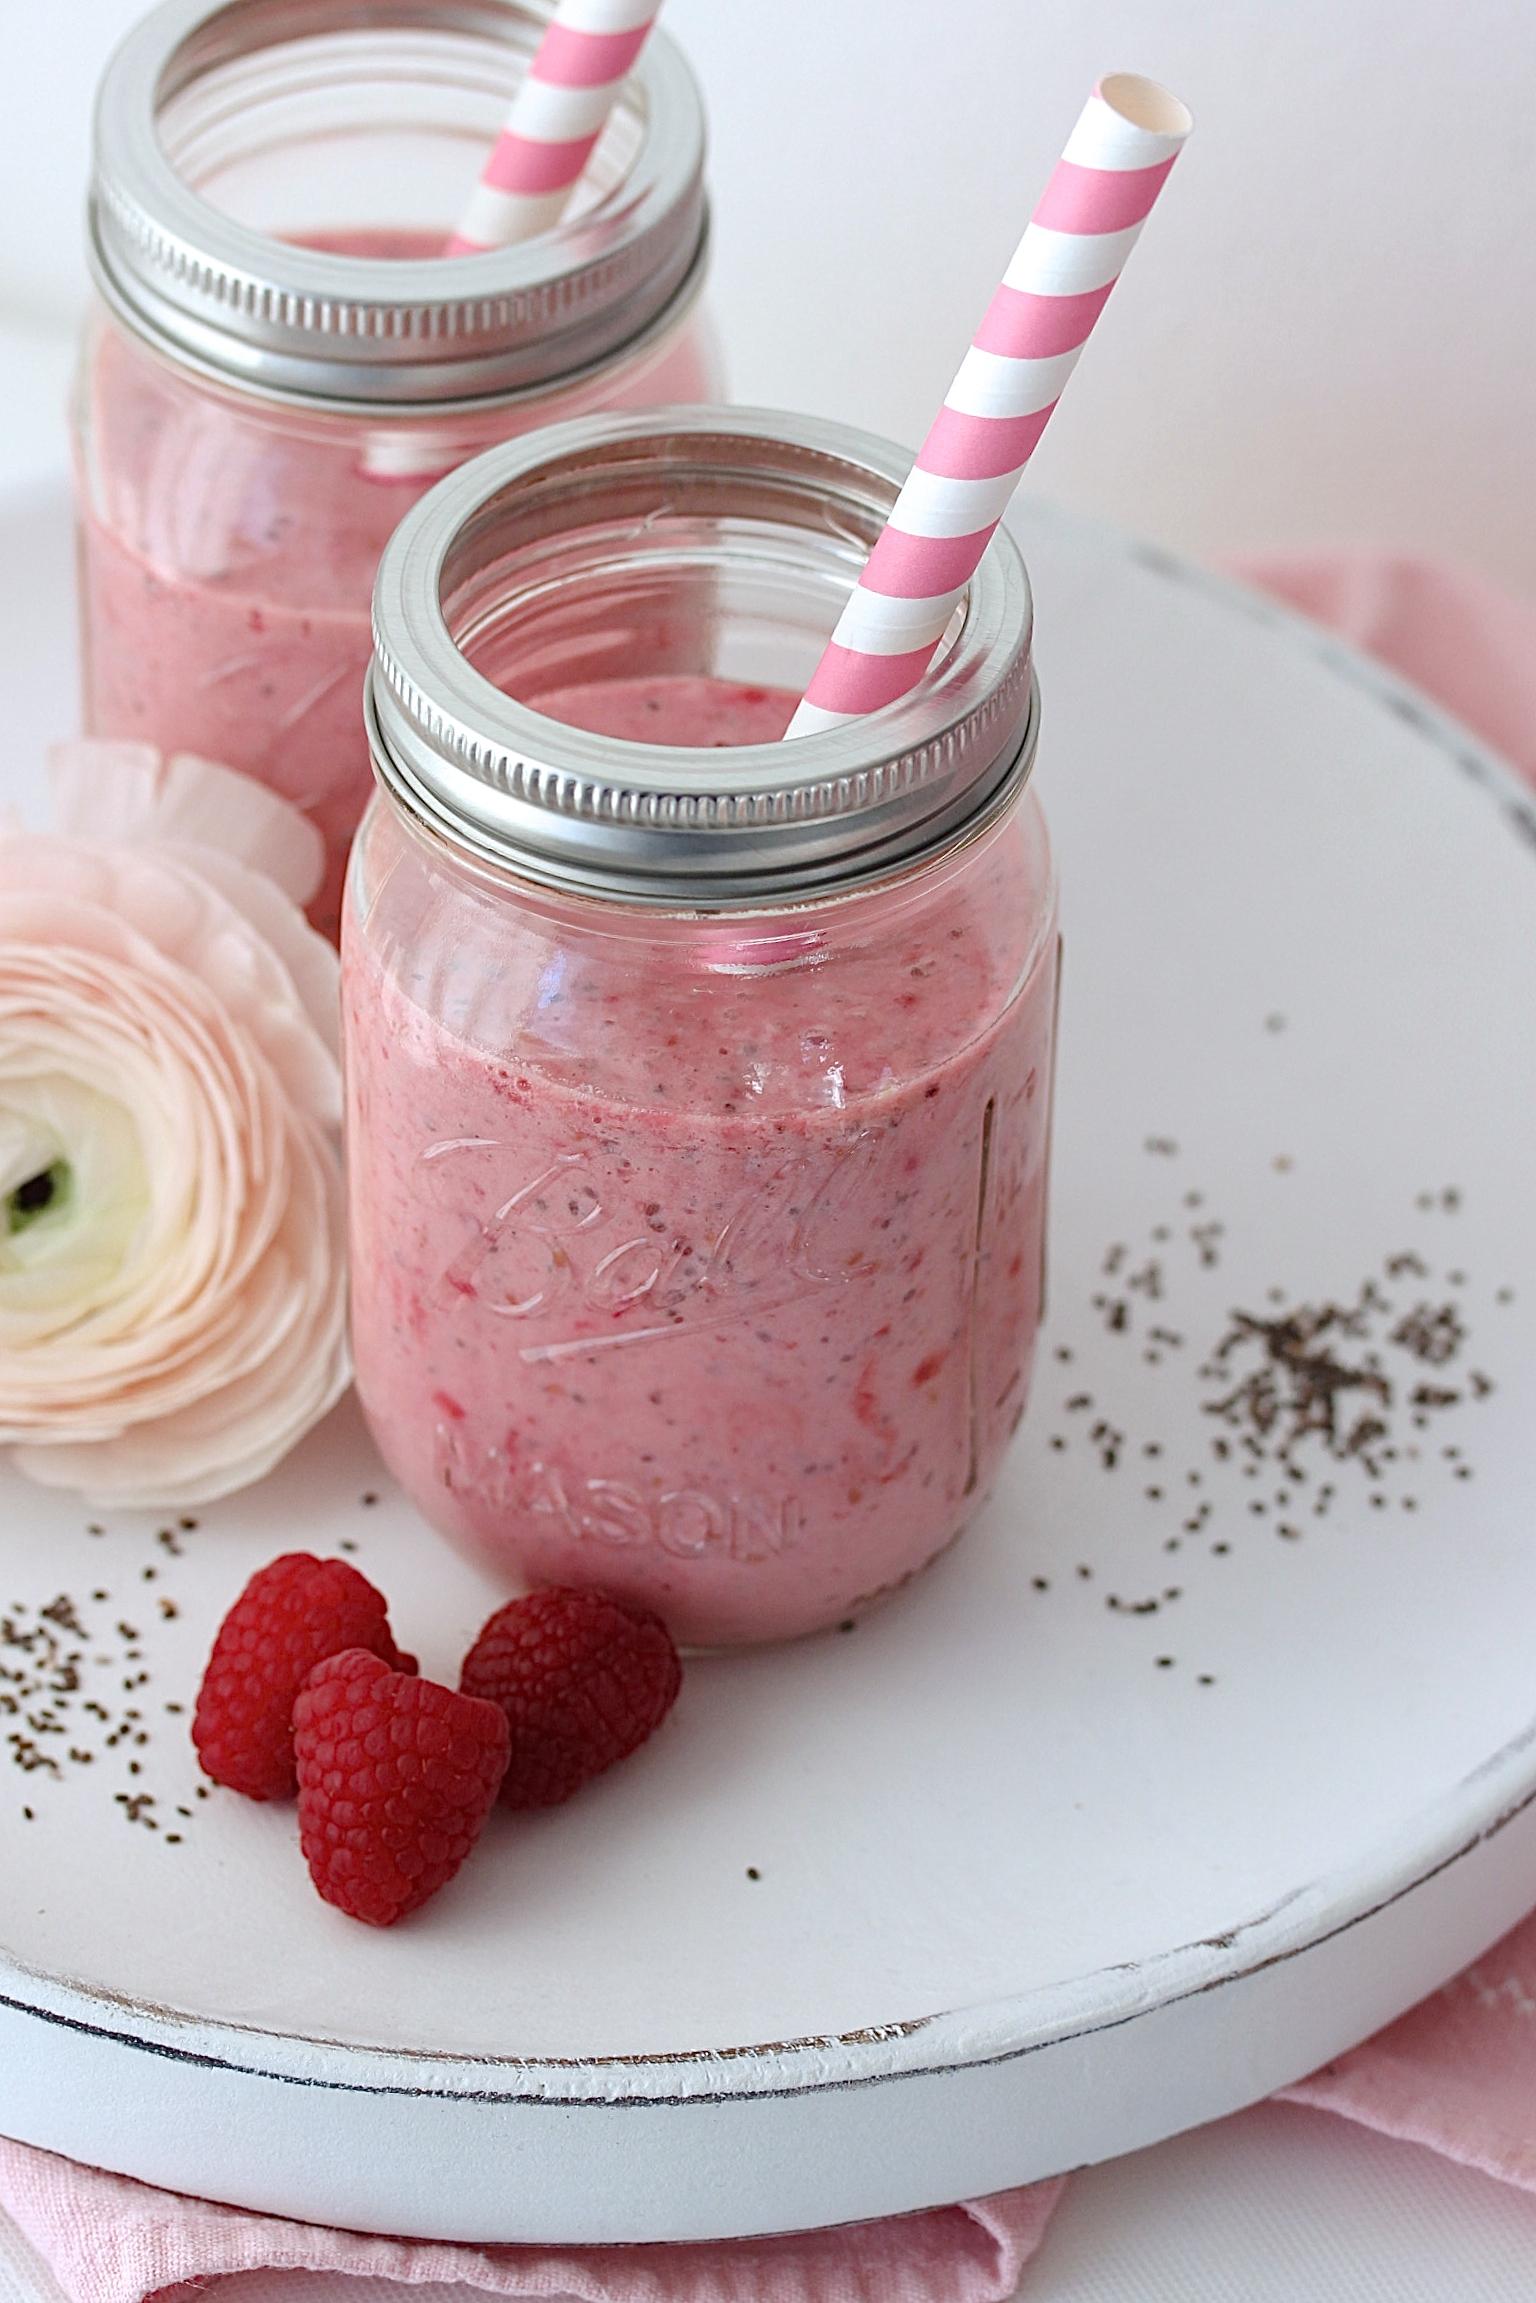 Himbeer Chia Smoothie Rezept Frühstück gesund lecker Superfood #smoothie #chia #superfood #healthy Backblog Foodfotografie Foodblog   Emma´s Lieblingsstücke